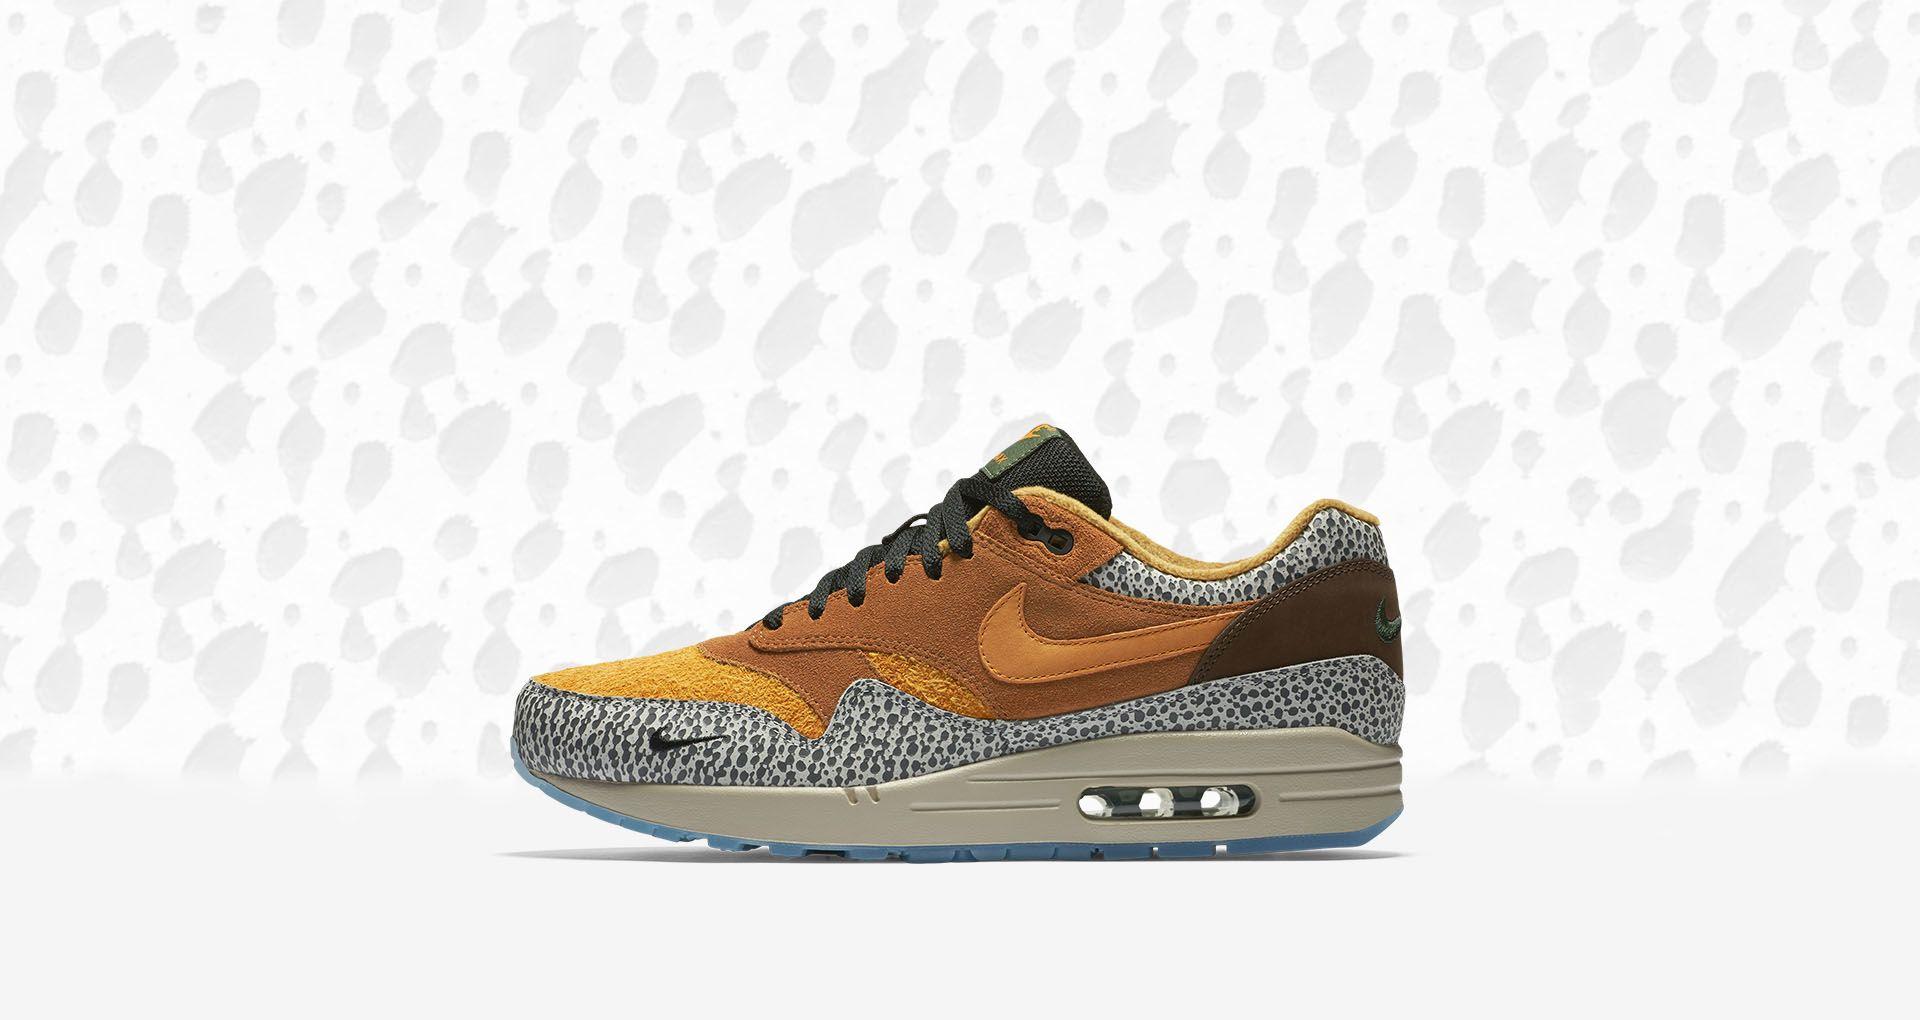 40b0eac85c Nike Air Max 1 'Safari' Release Date. Nike+ SNKRS